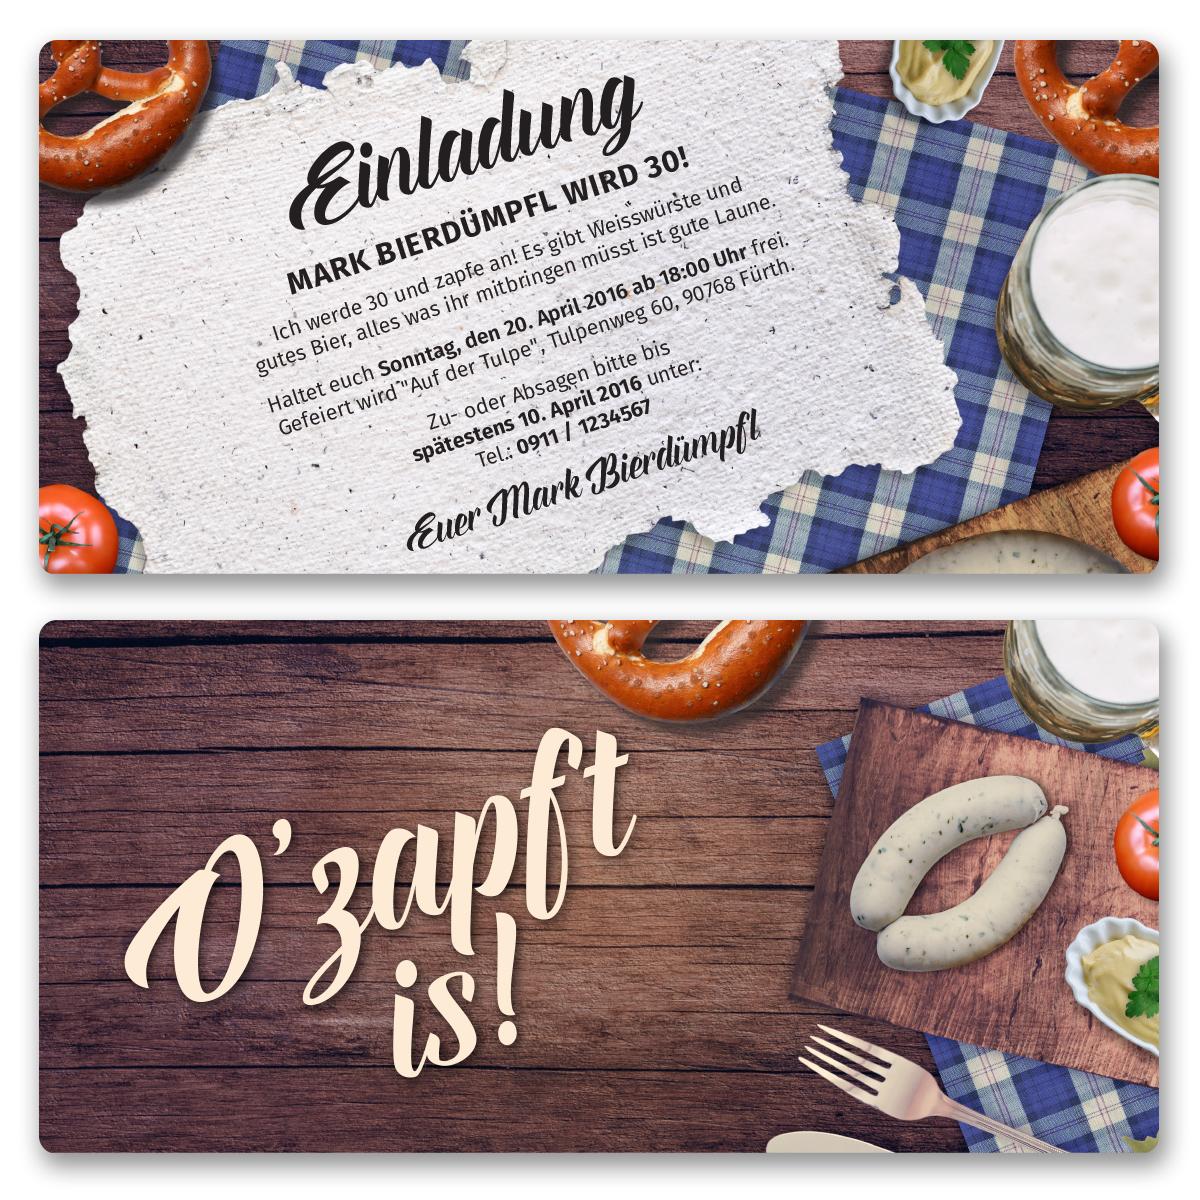 einladungskarten zum oktoberfest ab 55 cent / einladung, Einladung